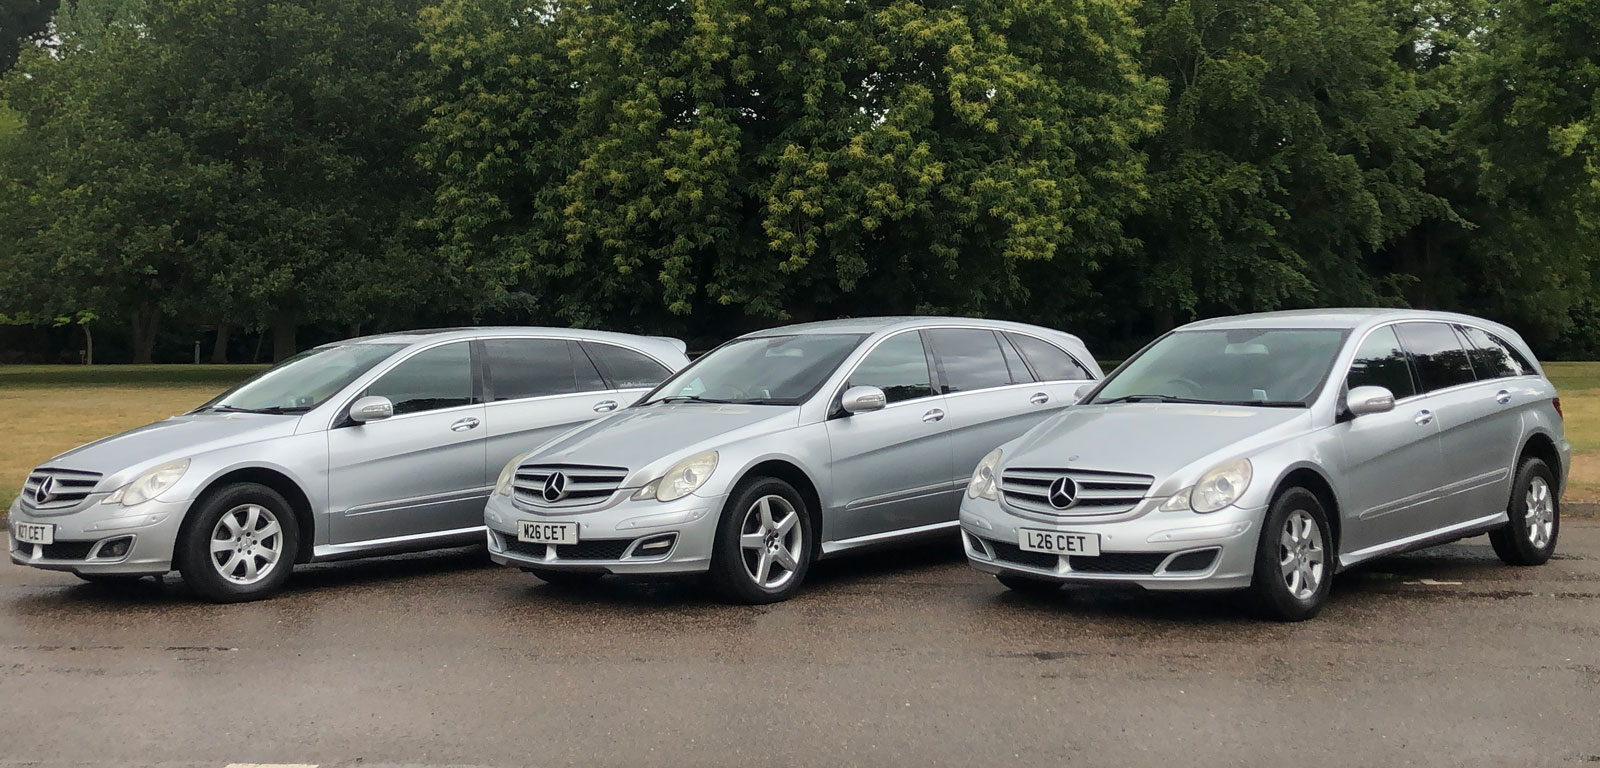 three Claydon Travel vehicles in a row